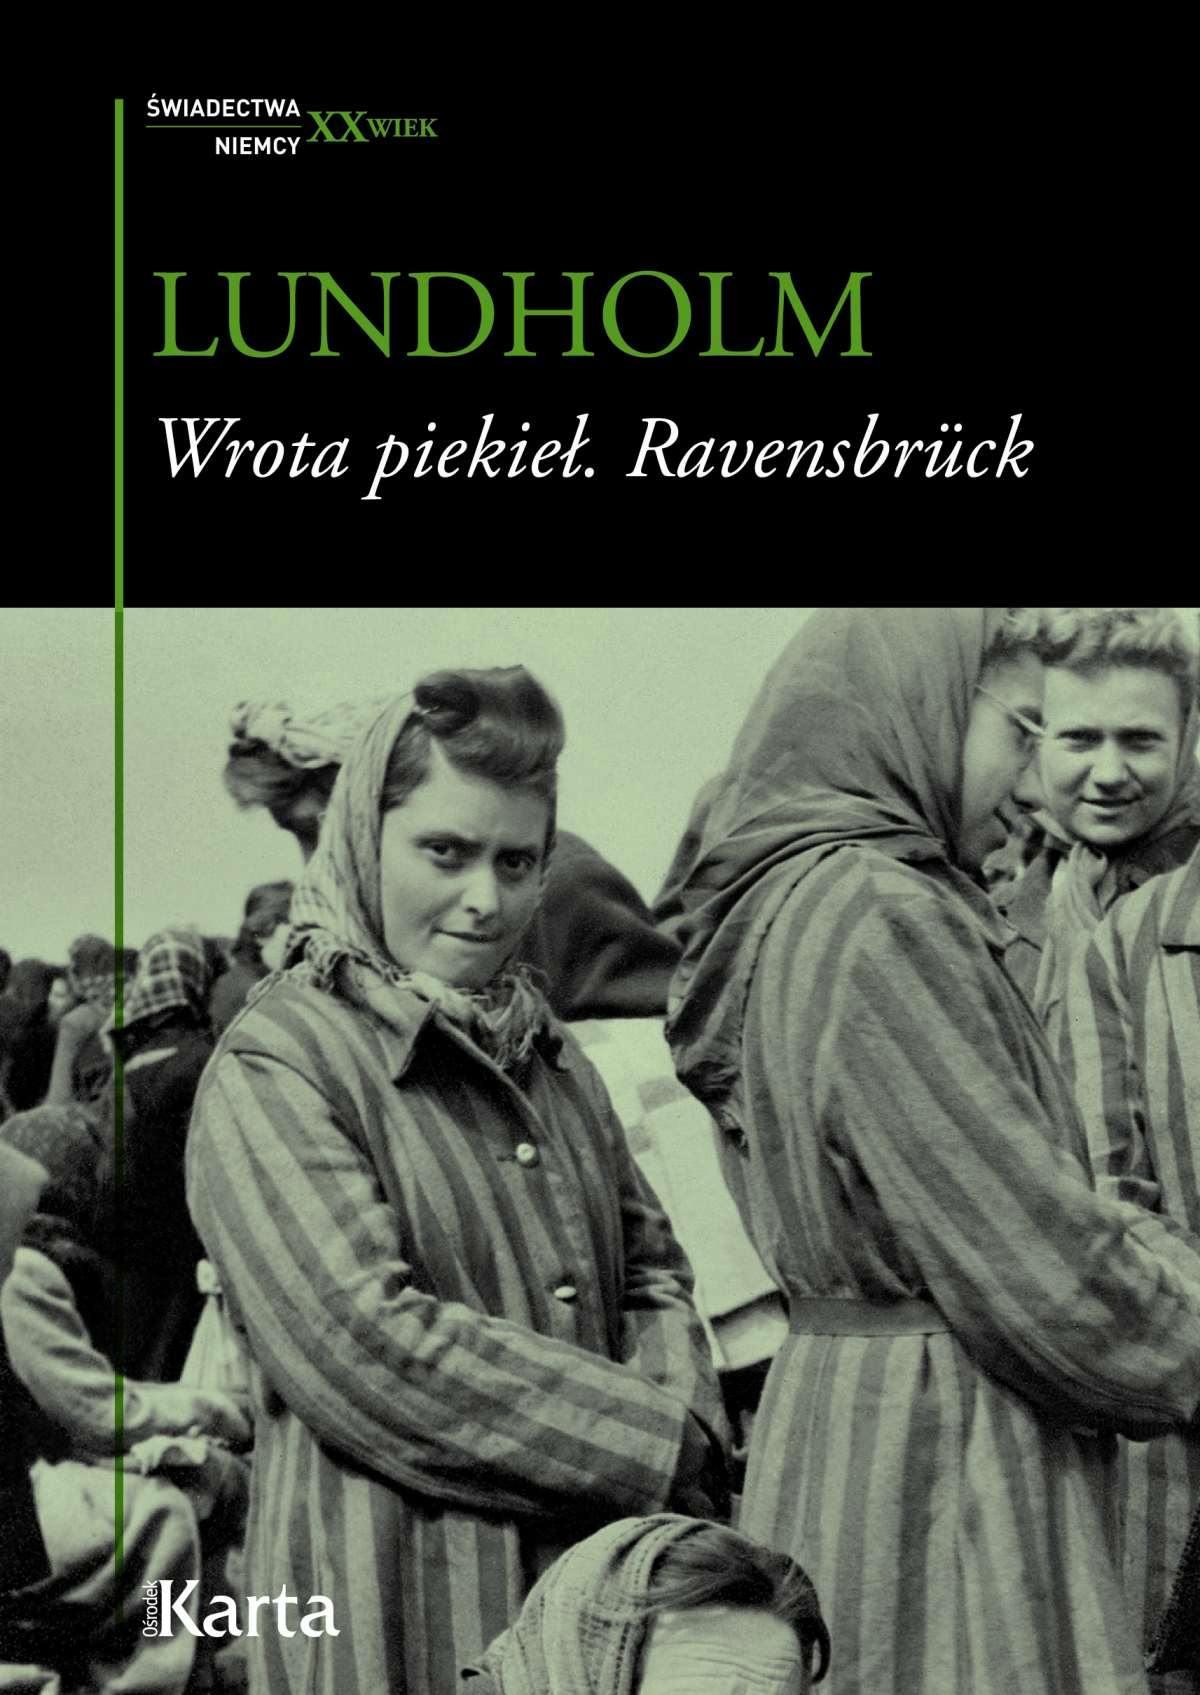 Wrota piekieł. Ravensbrücke - Ebook (Książka EPUB) do pobrania w formacie EPUB